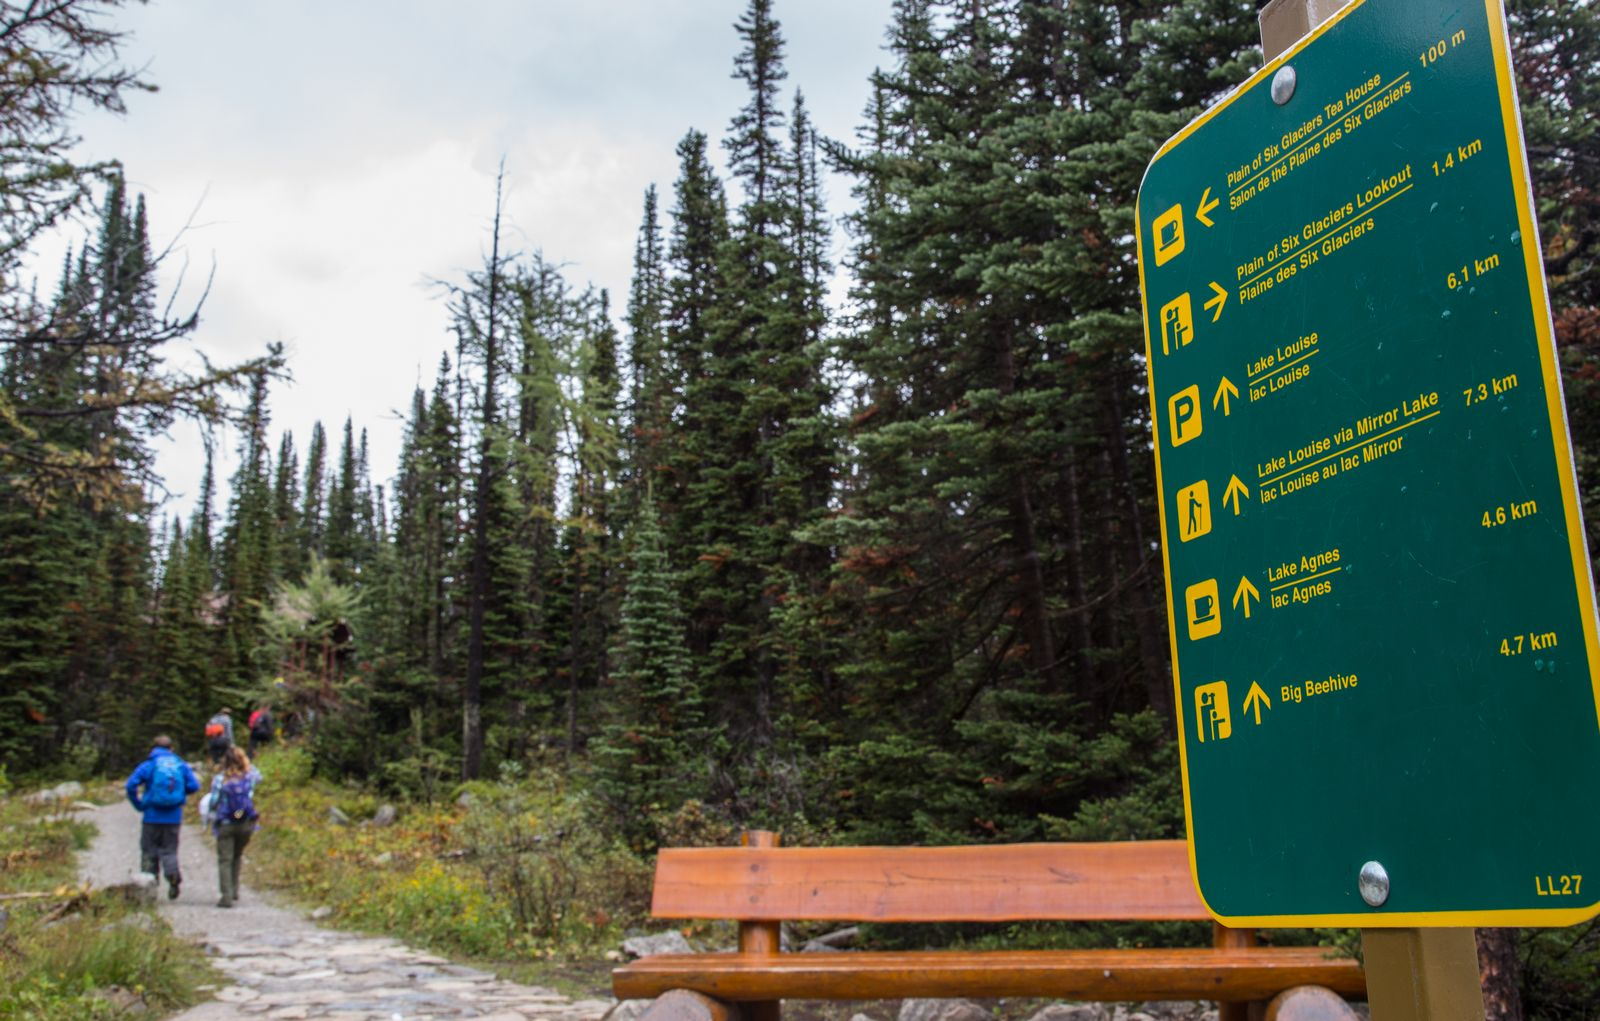 La buena señalización de todo el área de Lake Louise